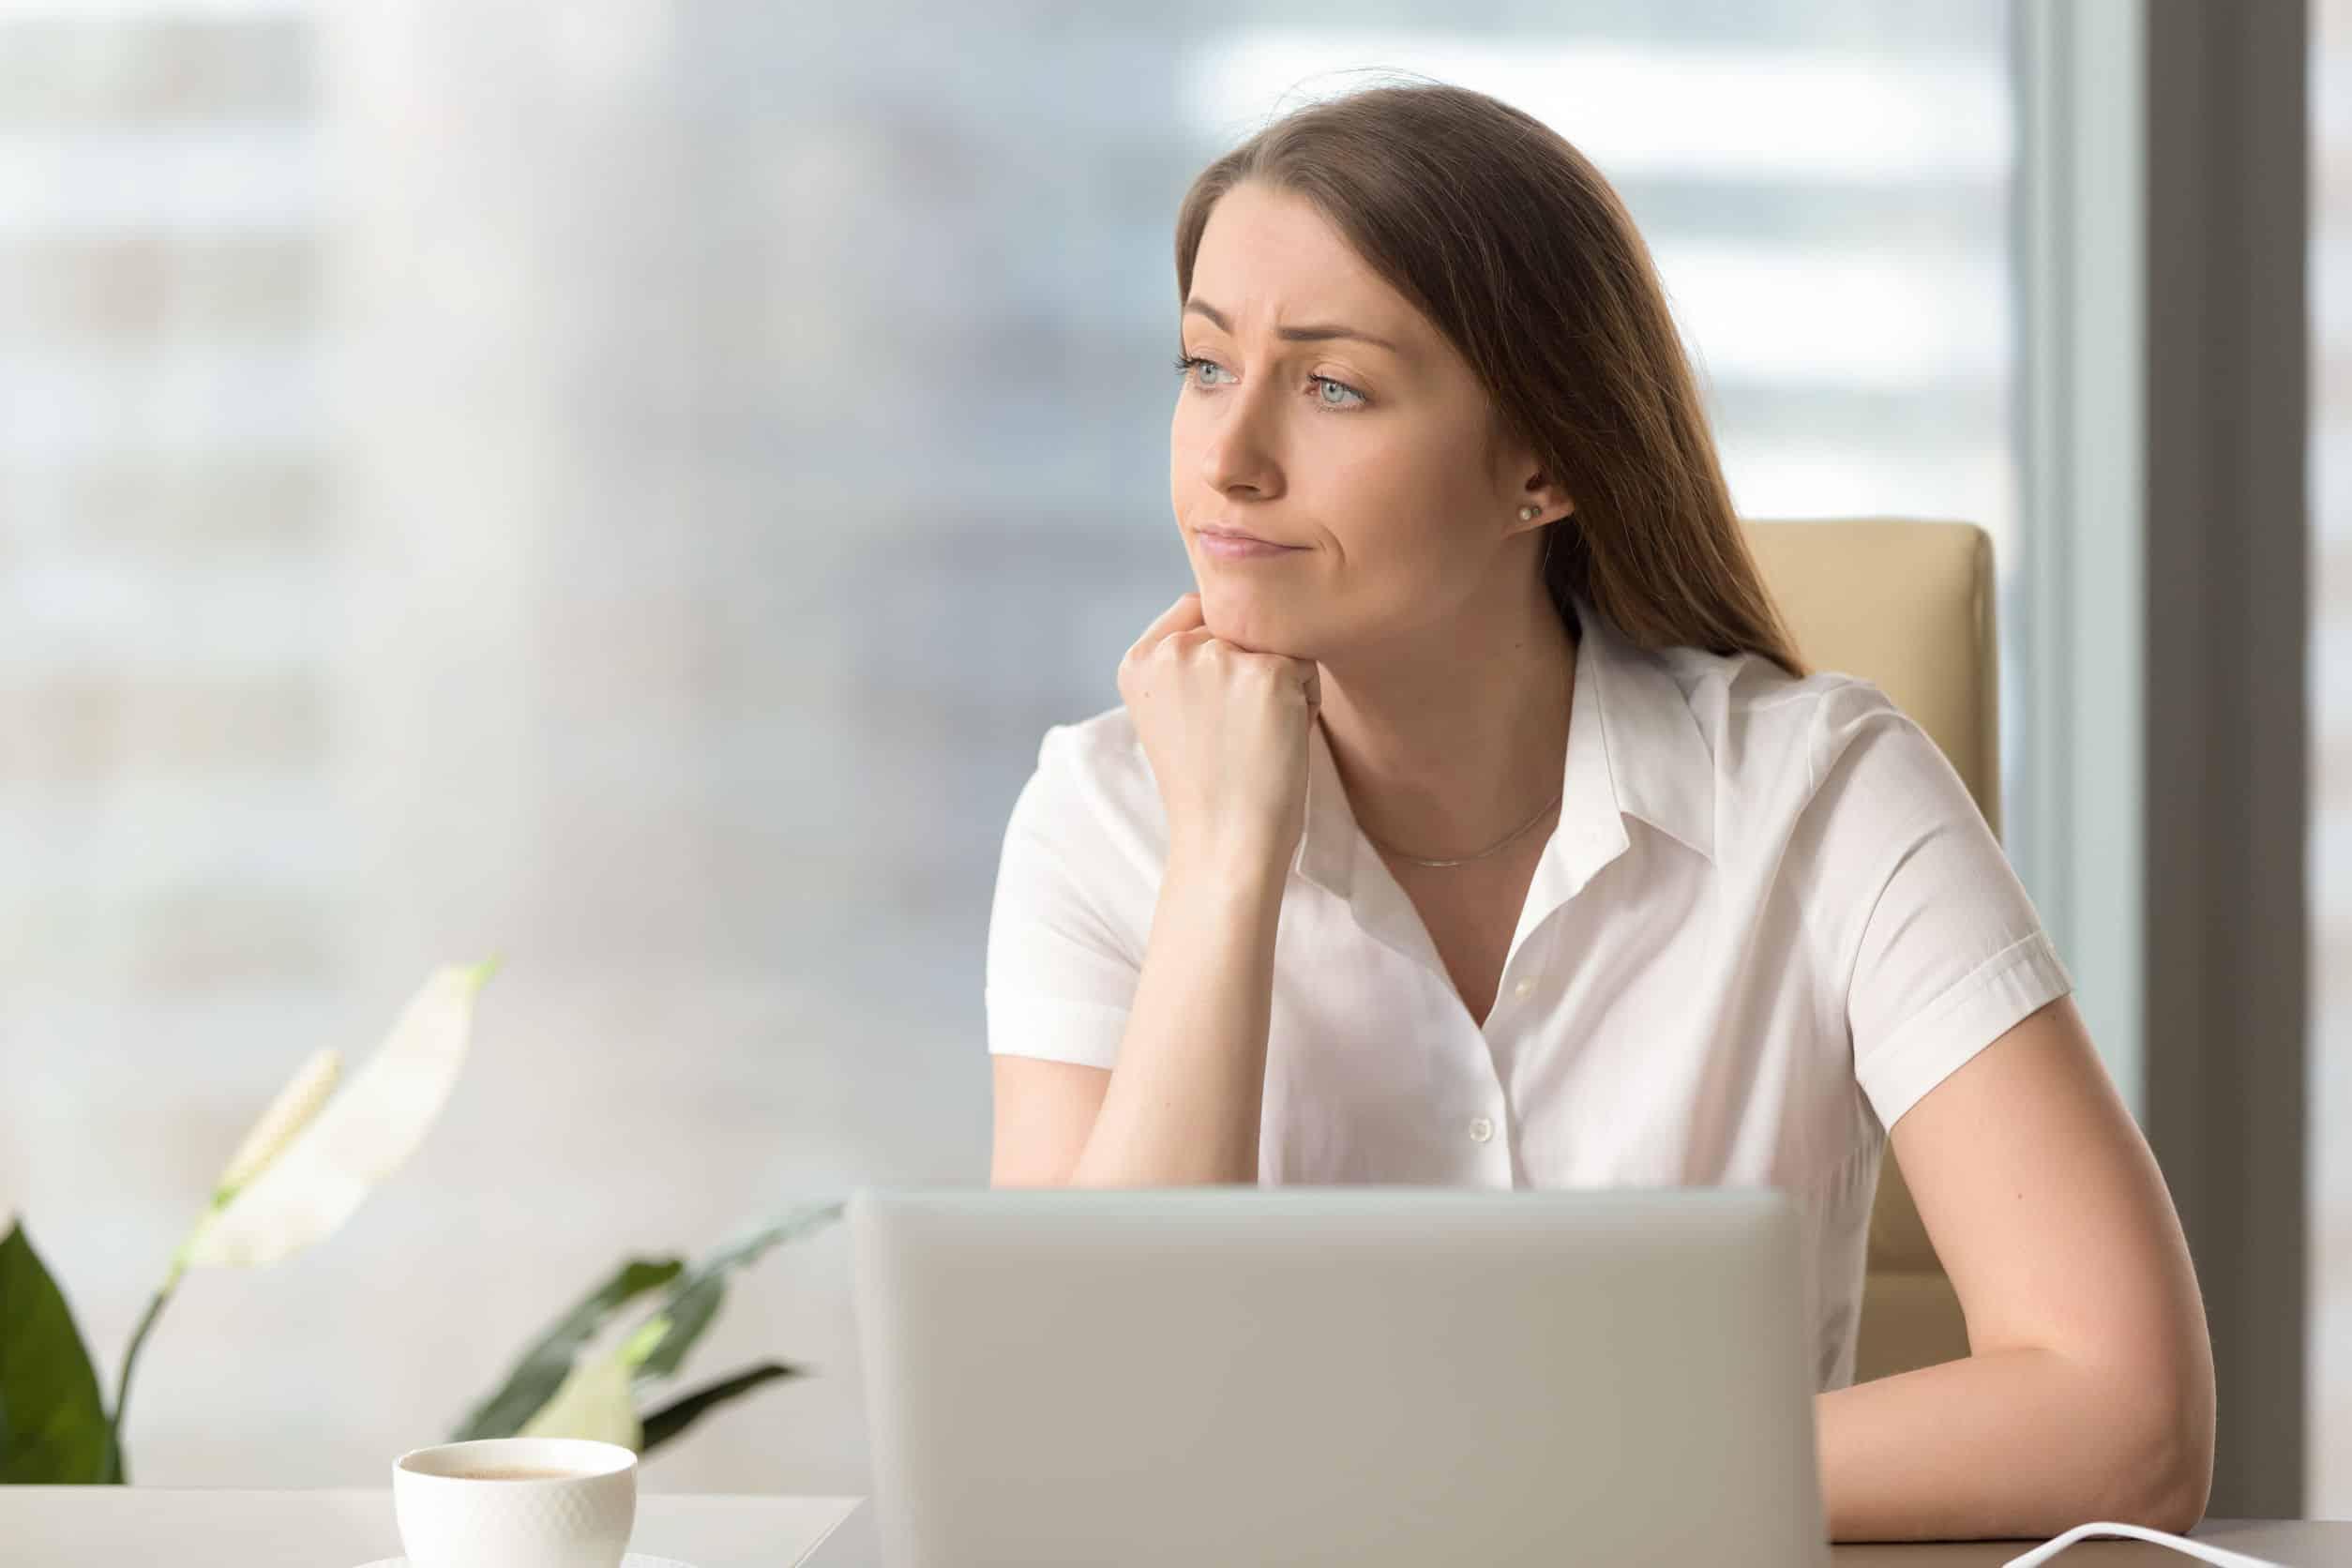 Boreout: eine Frau sitzt nachdenklich vor einem Laptop, stützt ihr Kinn mit der einen Hand und schaut zur Seite.